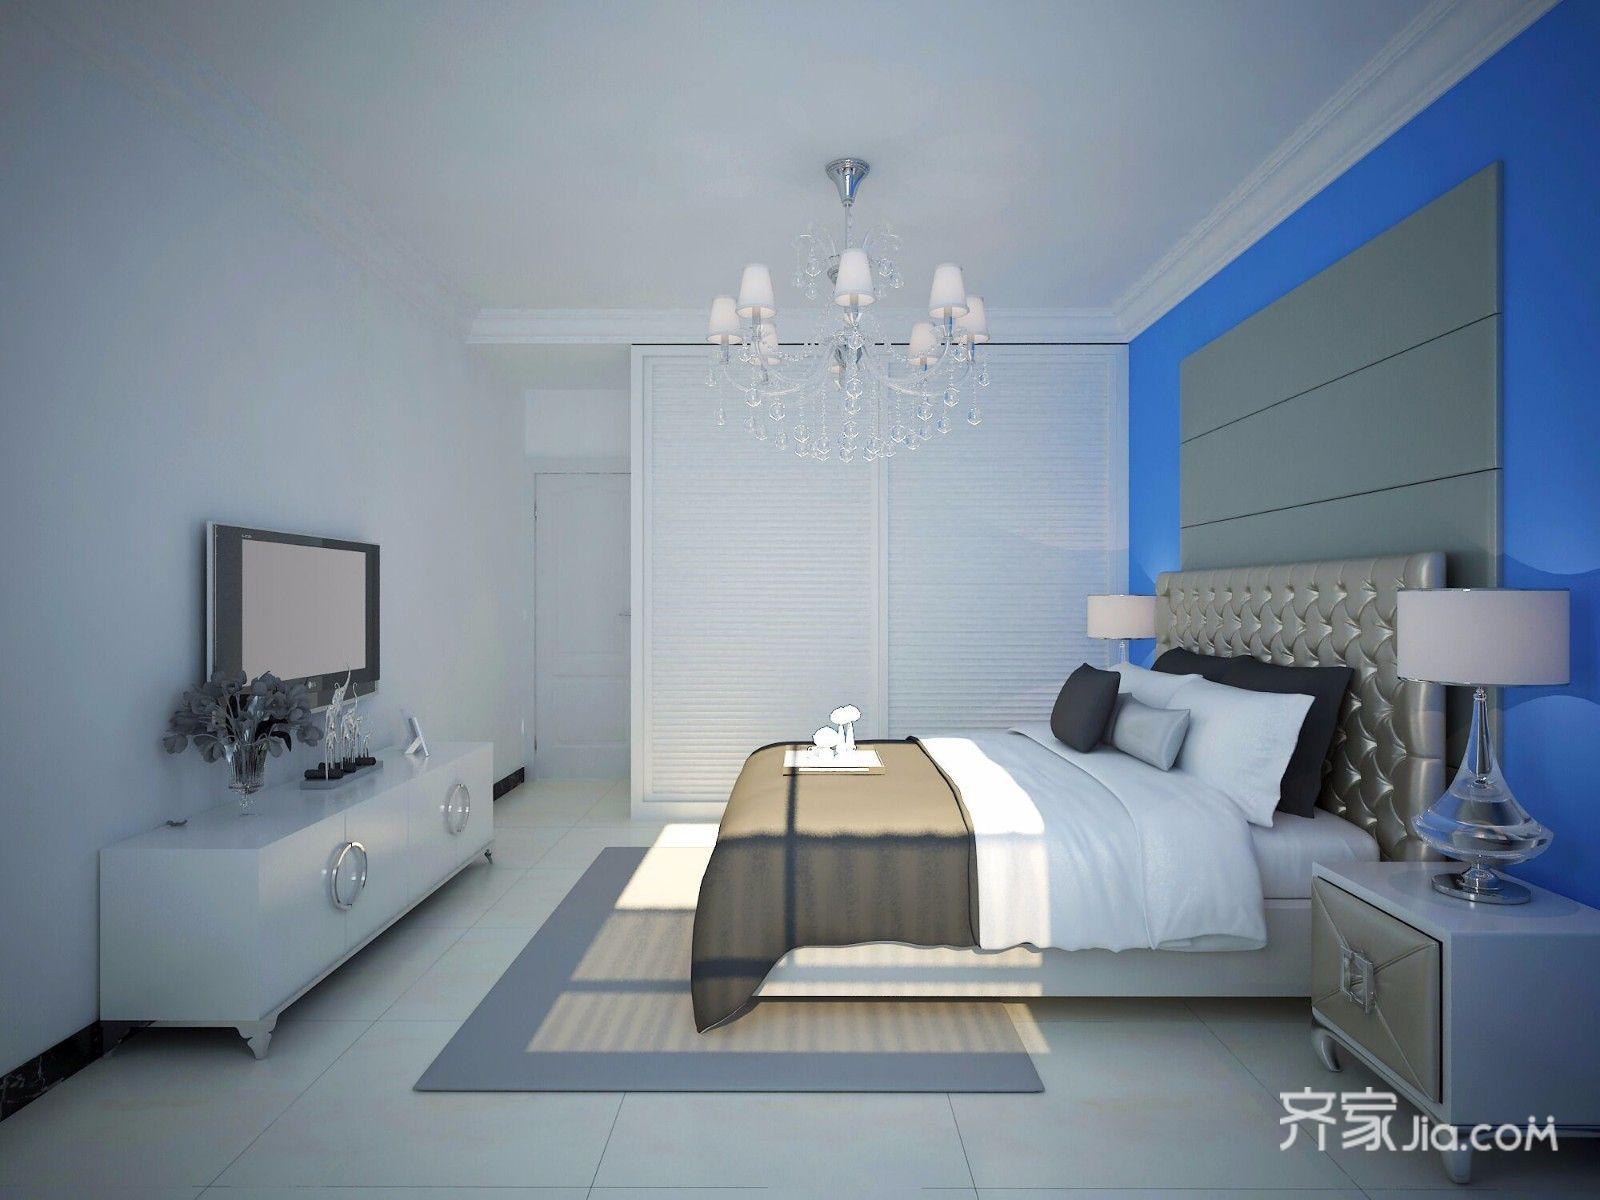 110㎡现代风格三居卧室装修效果图